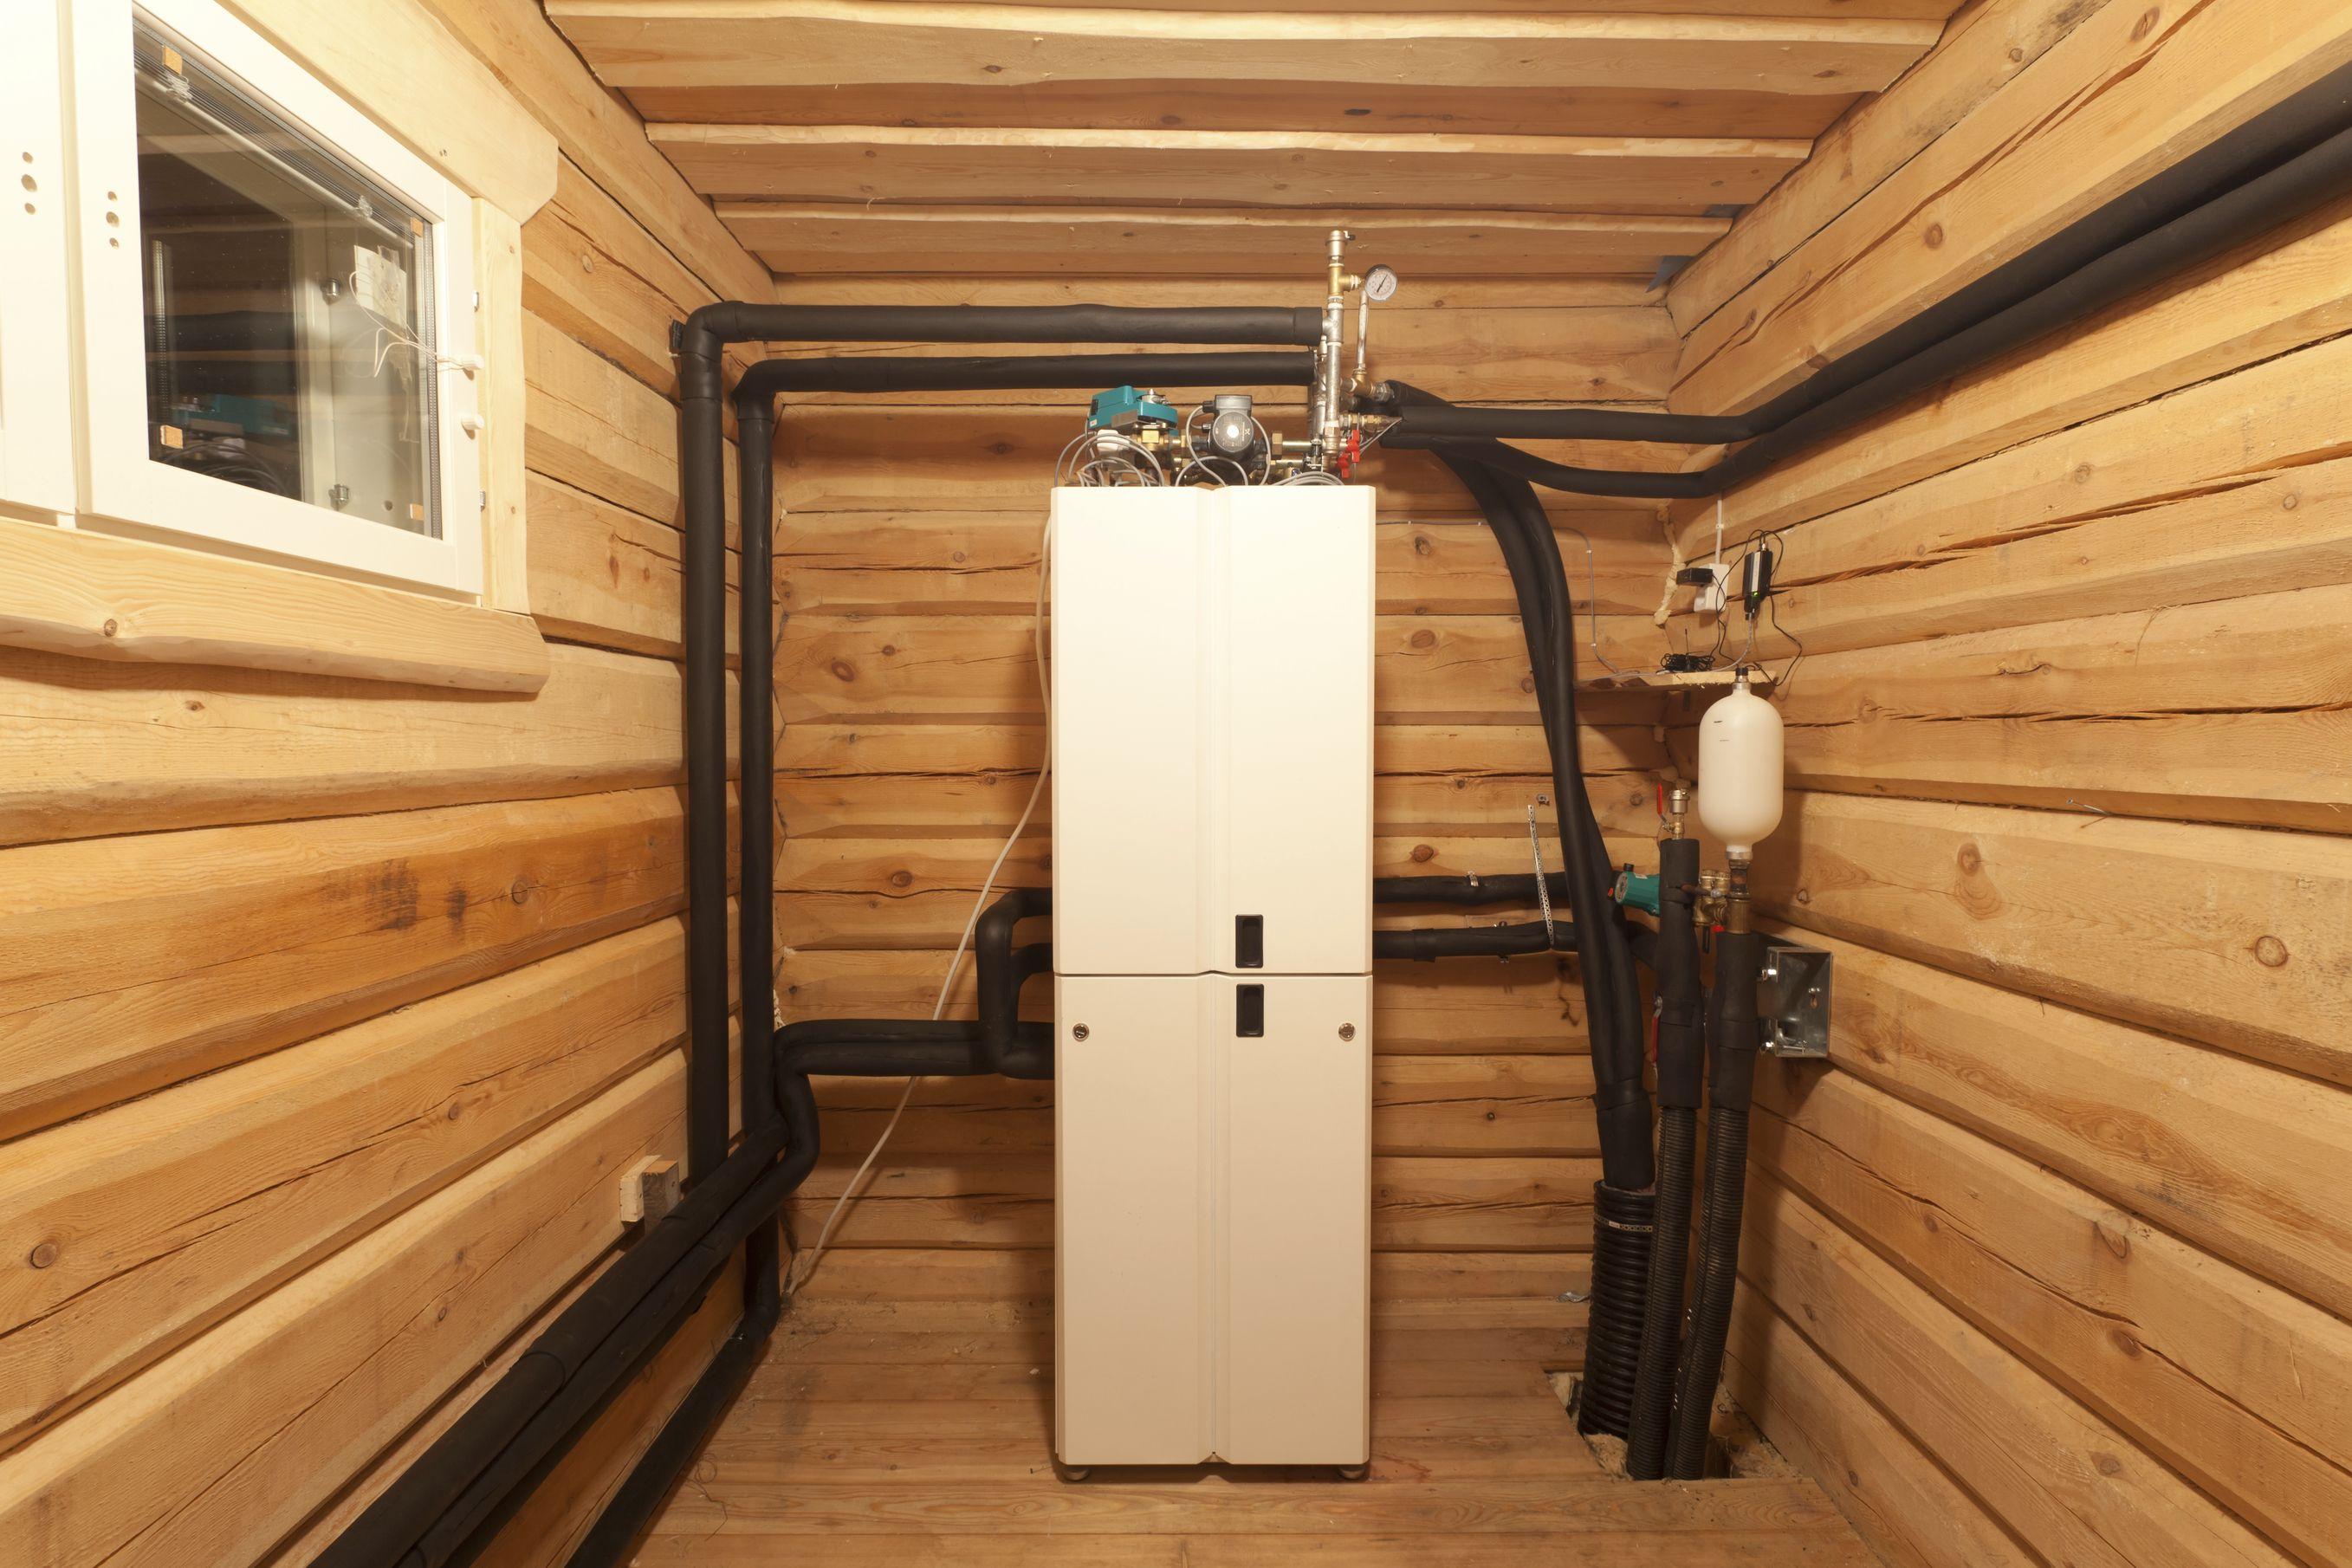 Instalaciones y mantenimiento de calderas: Fontanería y calefacción de Instalaciones Raimon